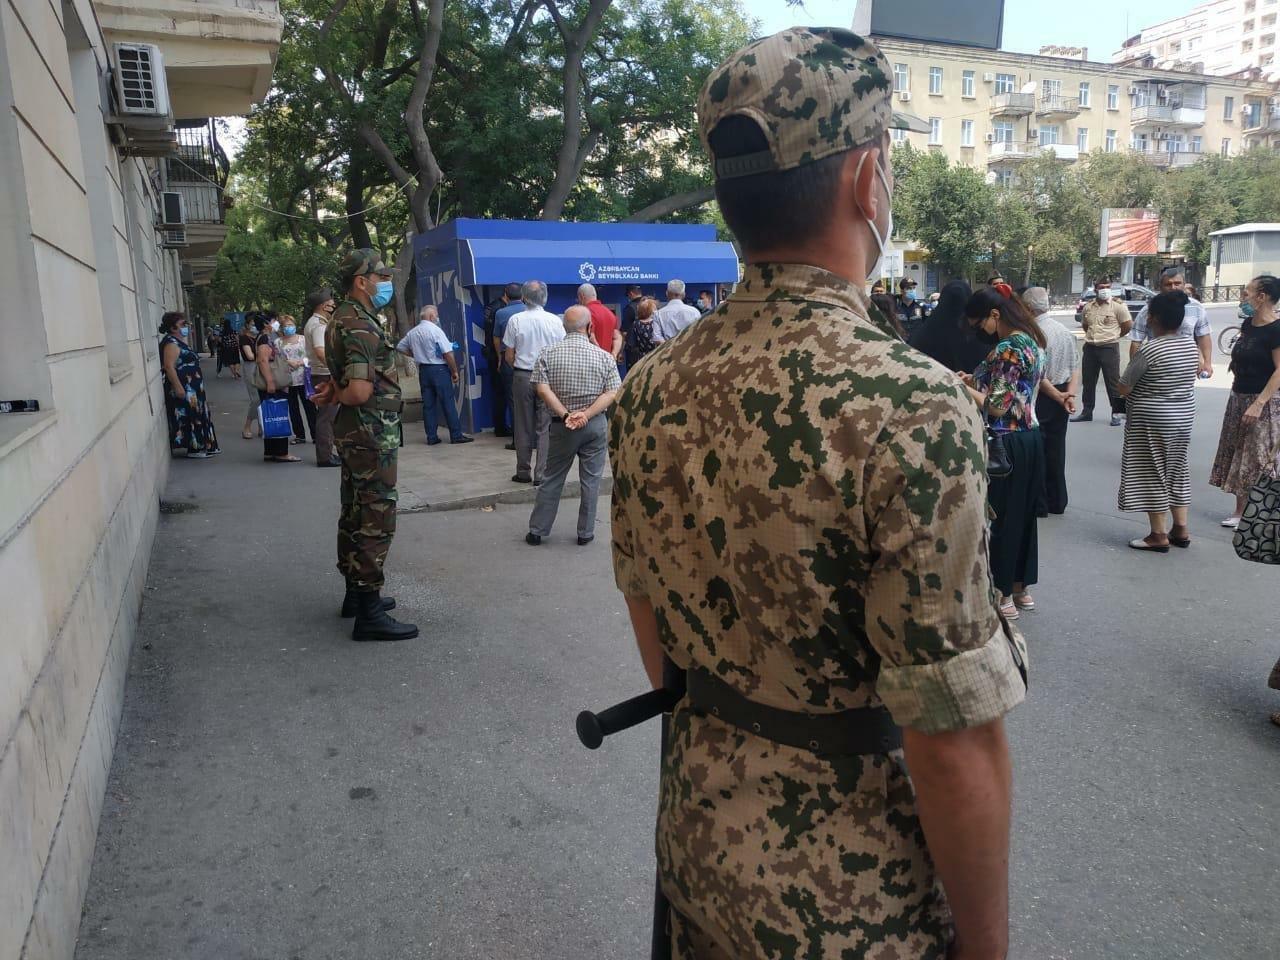 Bakı polisi daha bir reyd keçirdi - FOTO, fotoşəkil-4